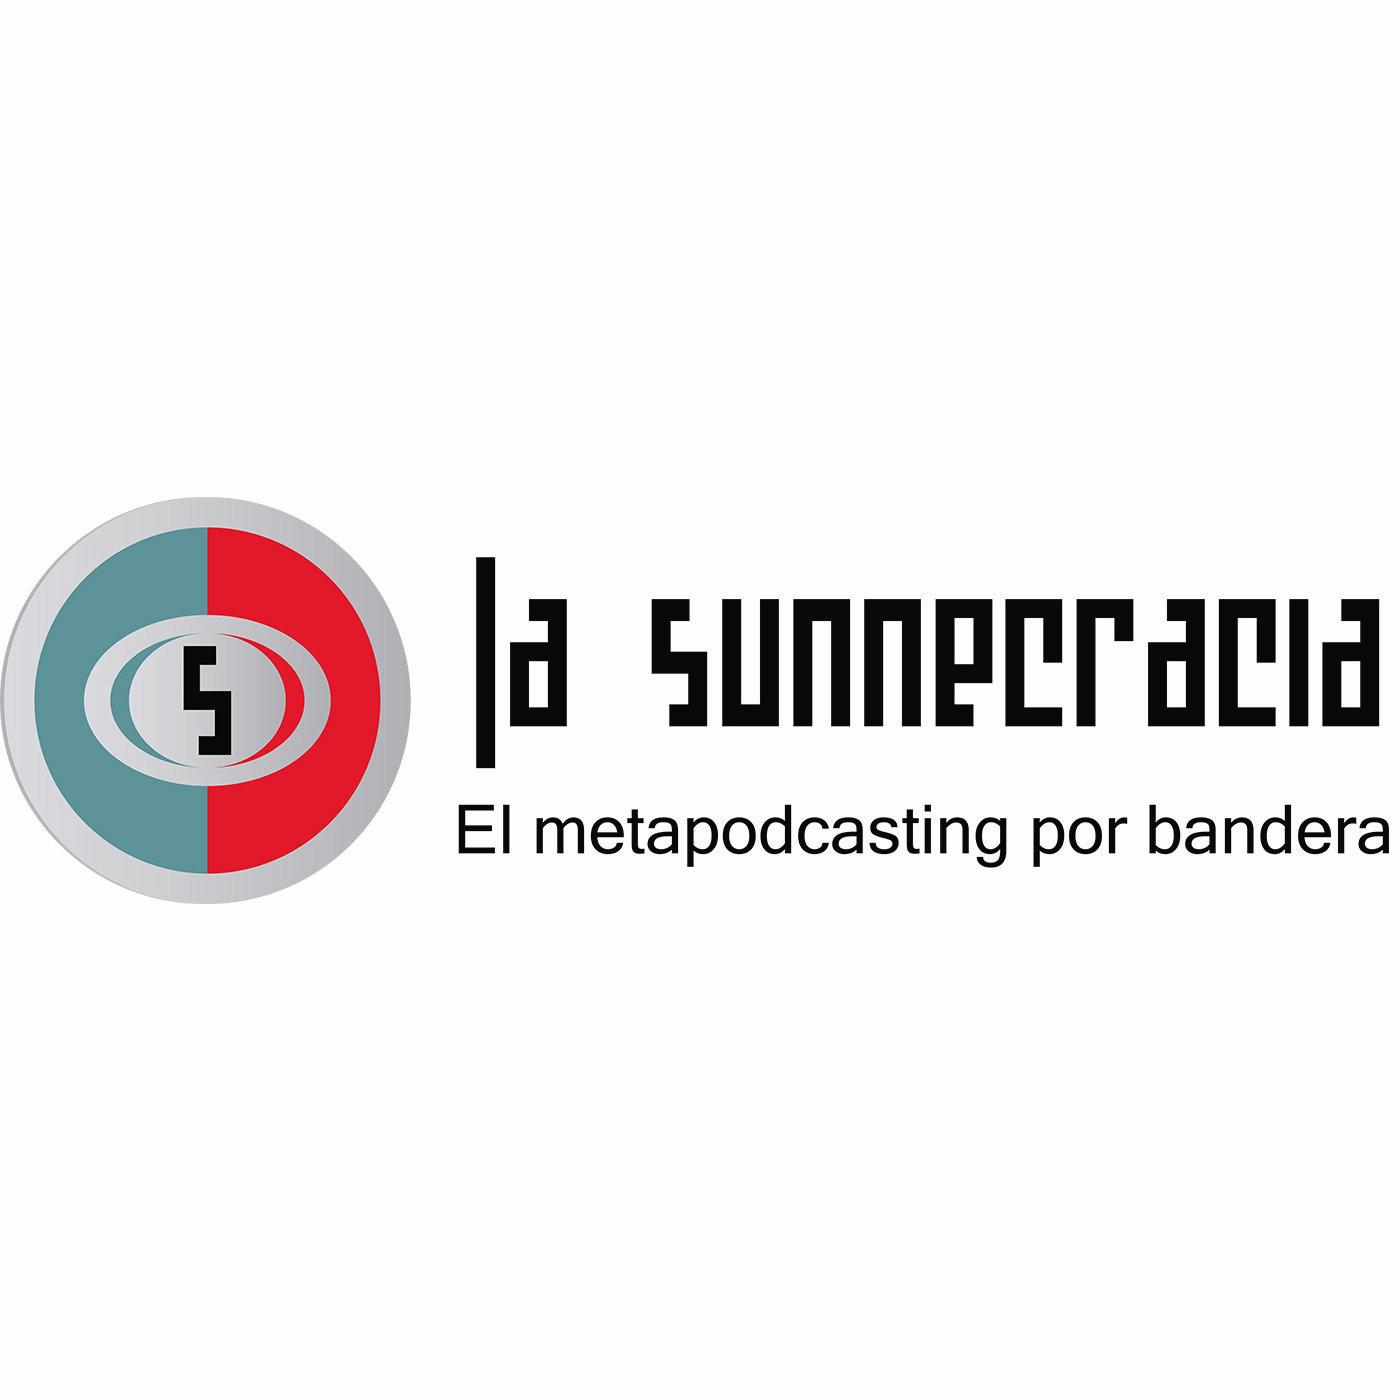 La Sunnecracia-39 Plataformas con Mario G